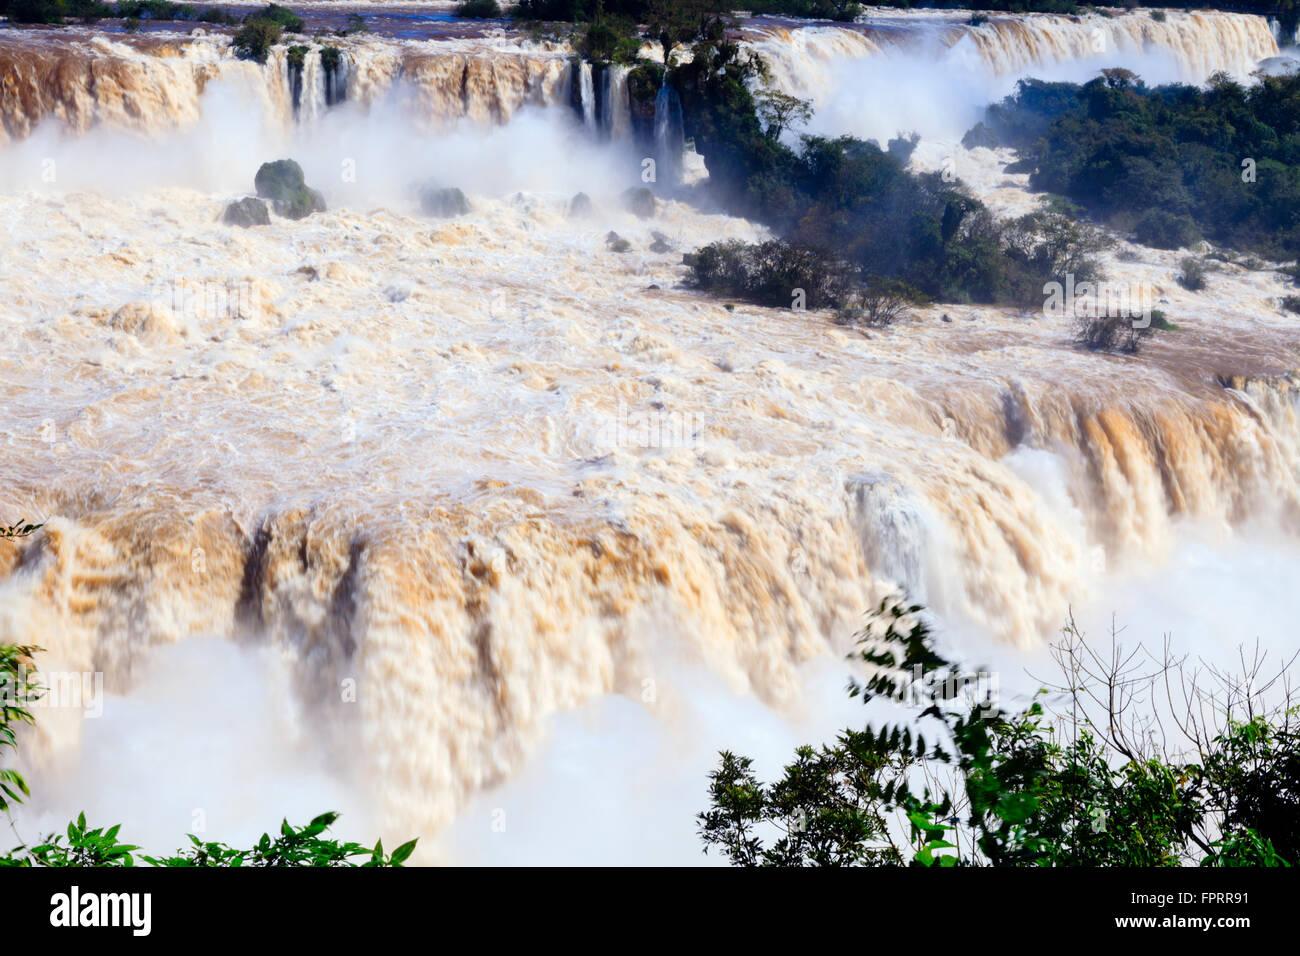 Iguacu/Iguassu/chutes d'Iguaçu, à la frontière de l'Argentine et le Brésil Banque D'Images